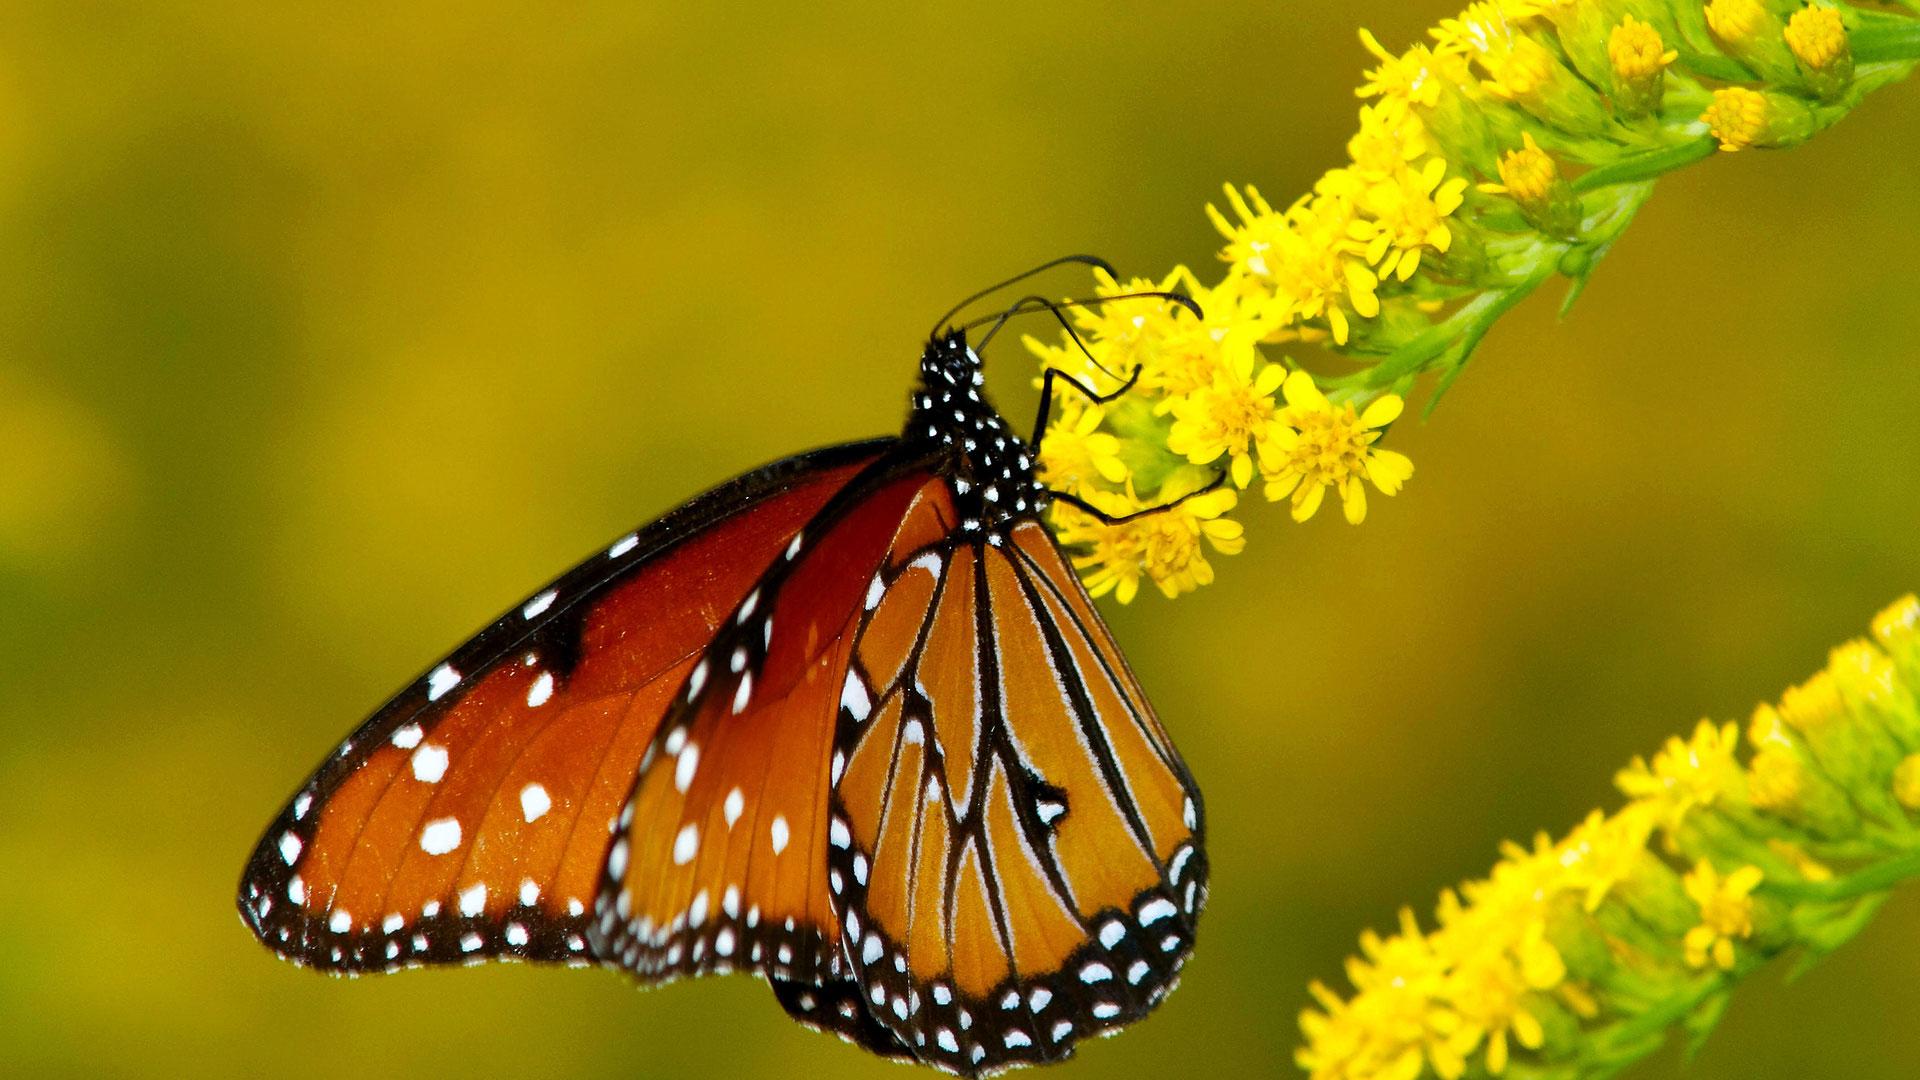 Скачать бесплатно обои бабочки на рабочий стол   подборка (19)